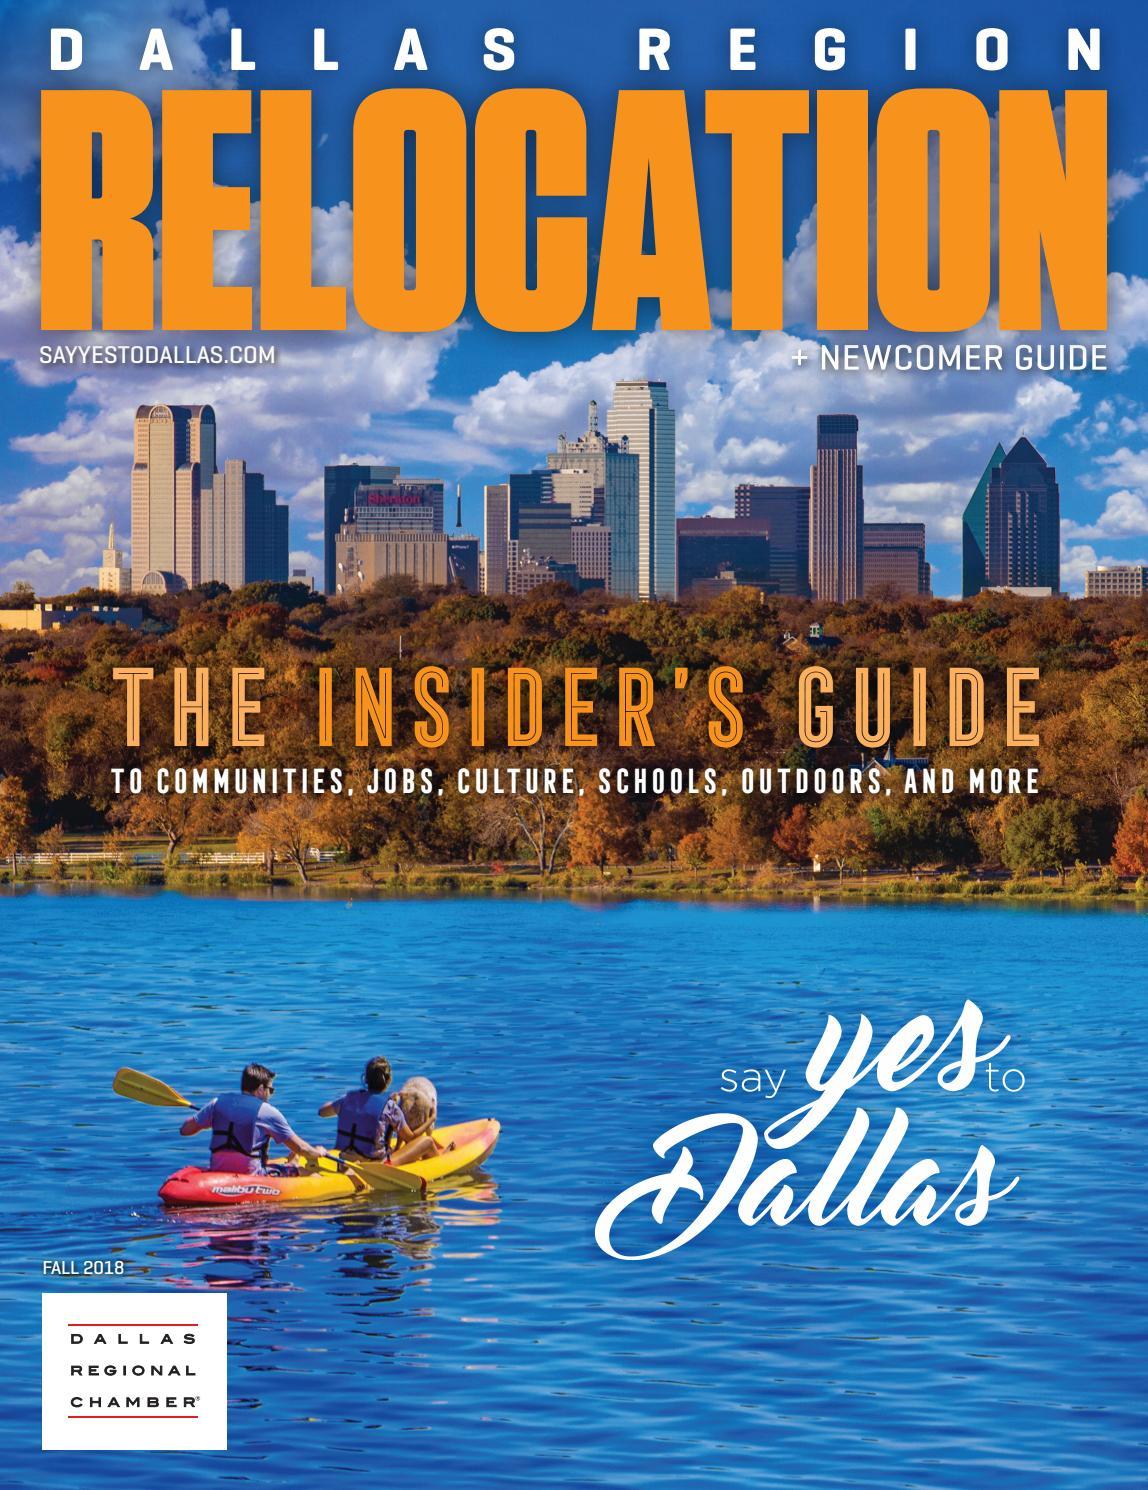 Dallas Region Relocation + Newcomer Guide - Fall 2018 by Dallas